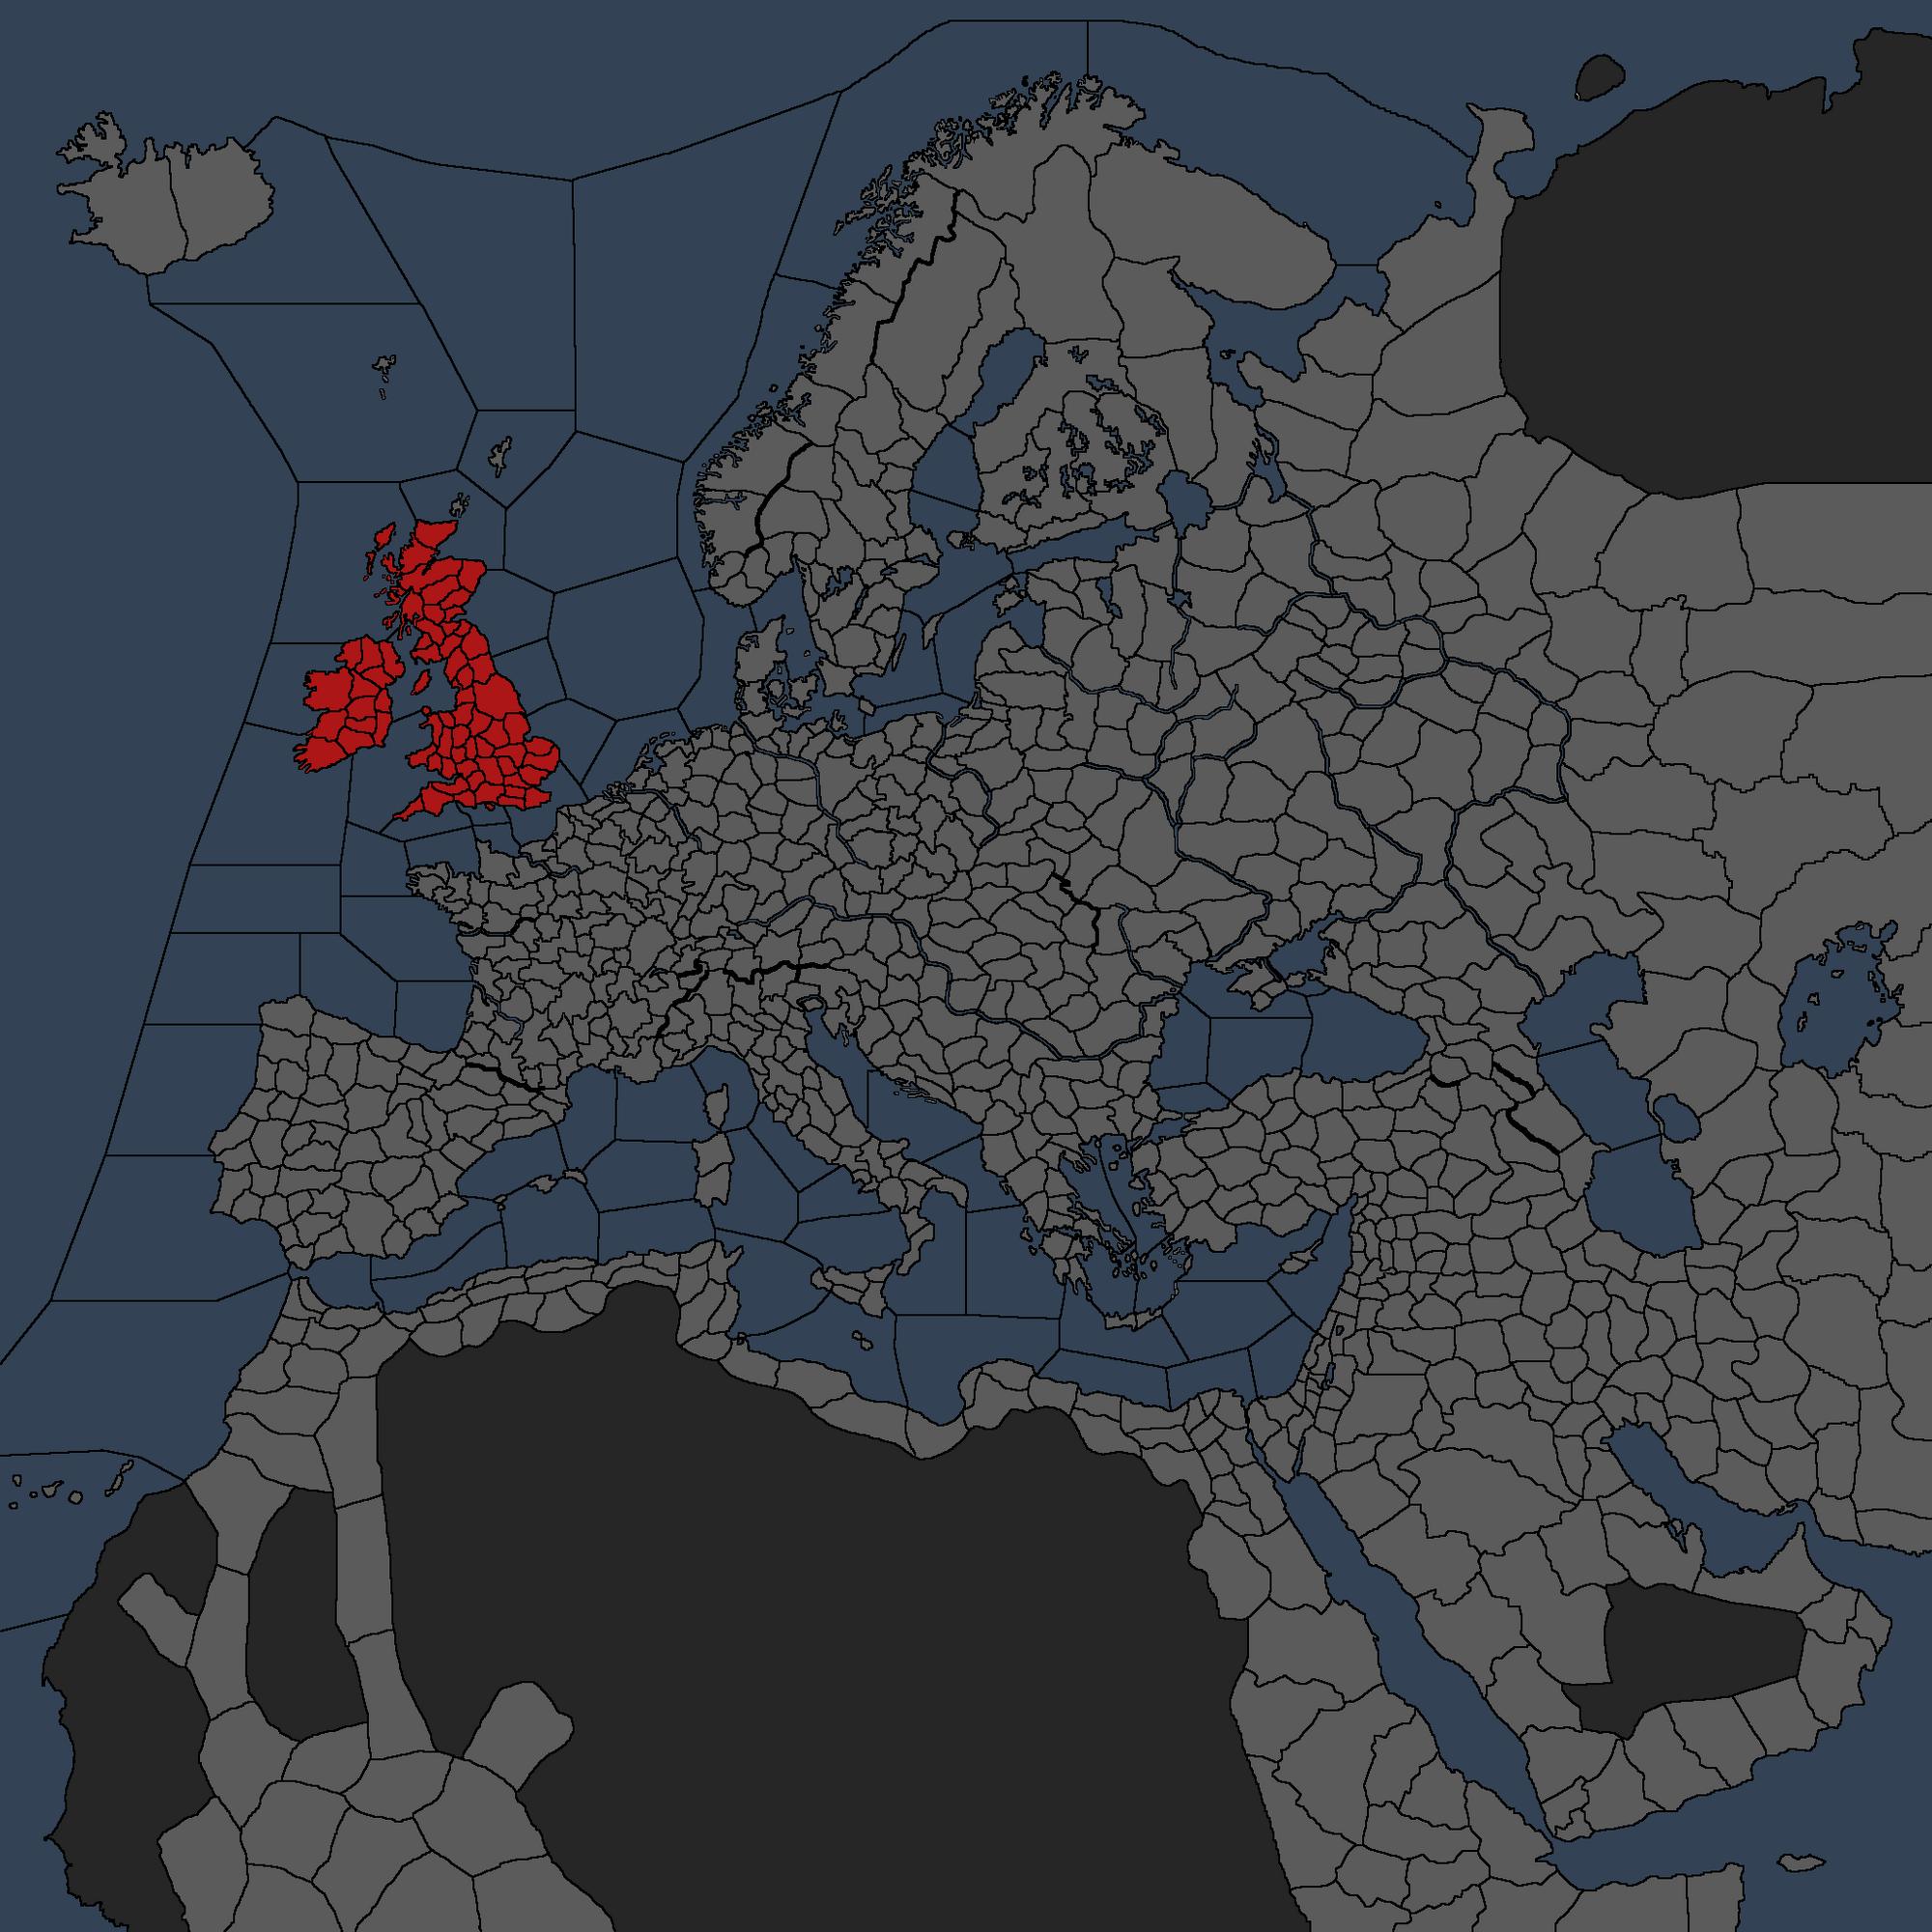 kingdom of wales ck2